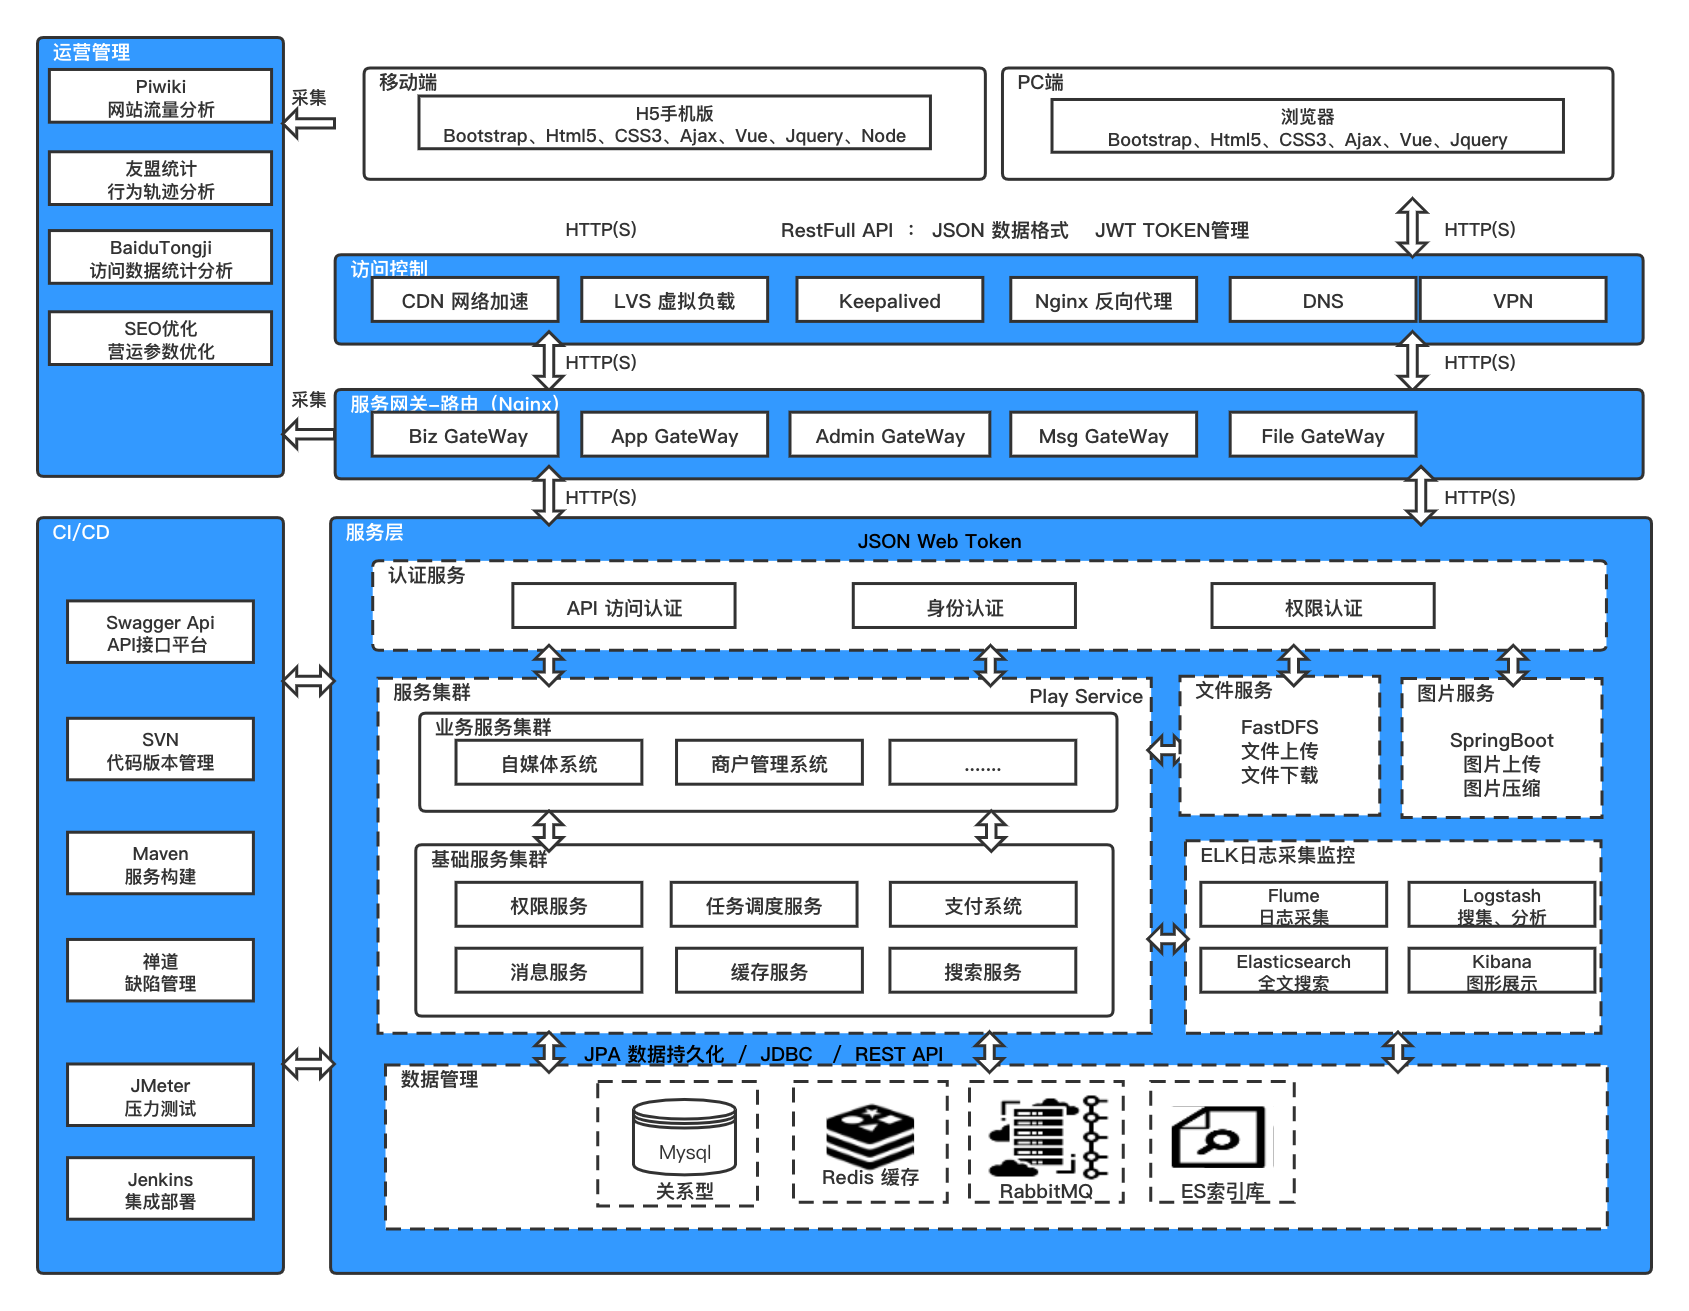 微分销技术架构 2.jpg